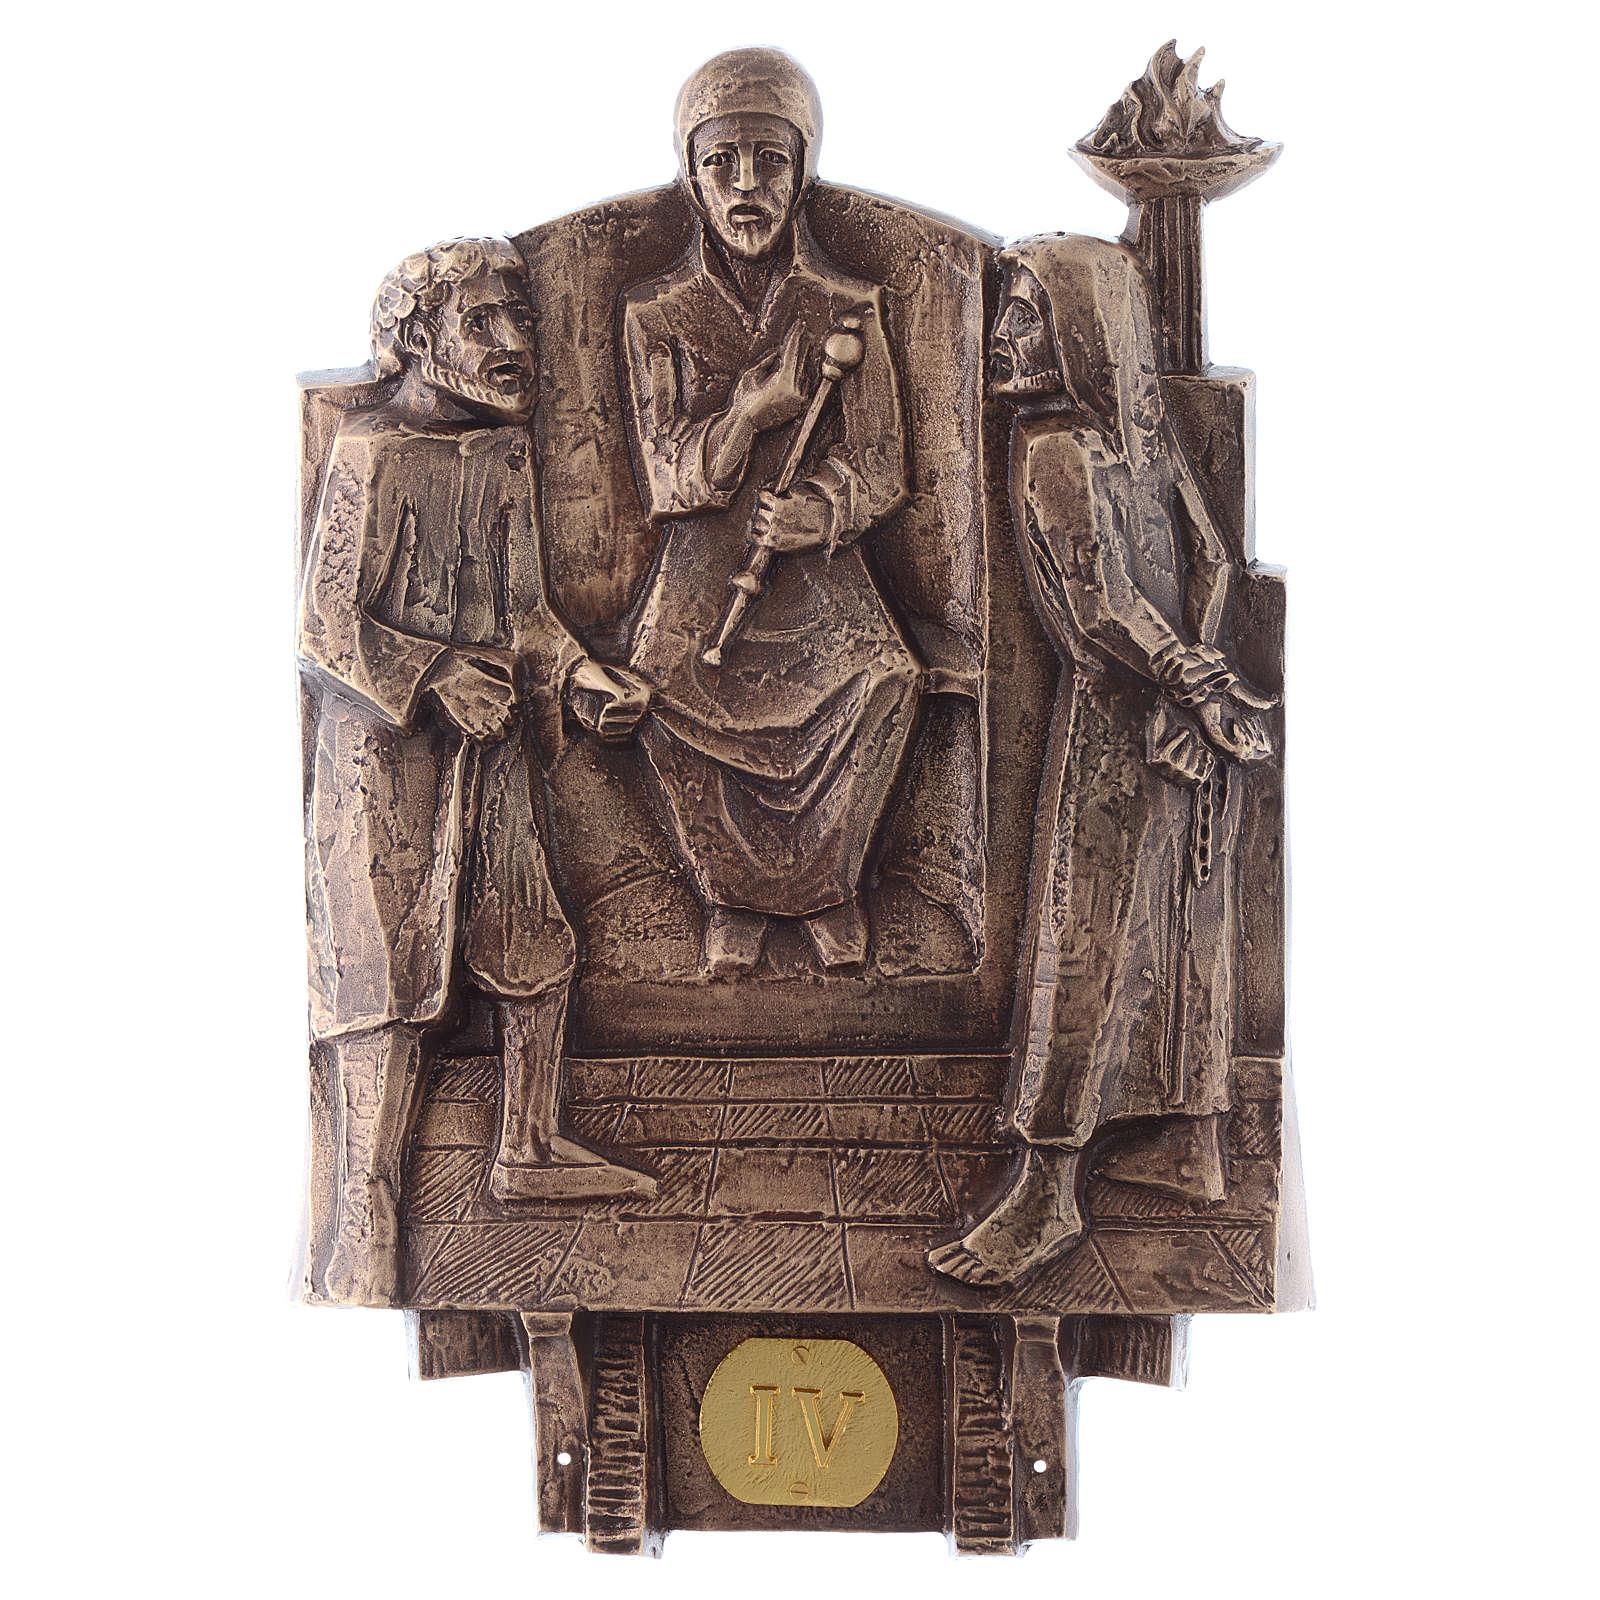 Cuadros estaciones Vía Crucis 14 piezas bronce 4